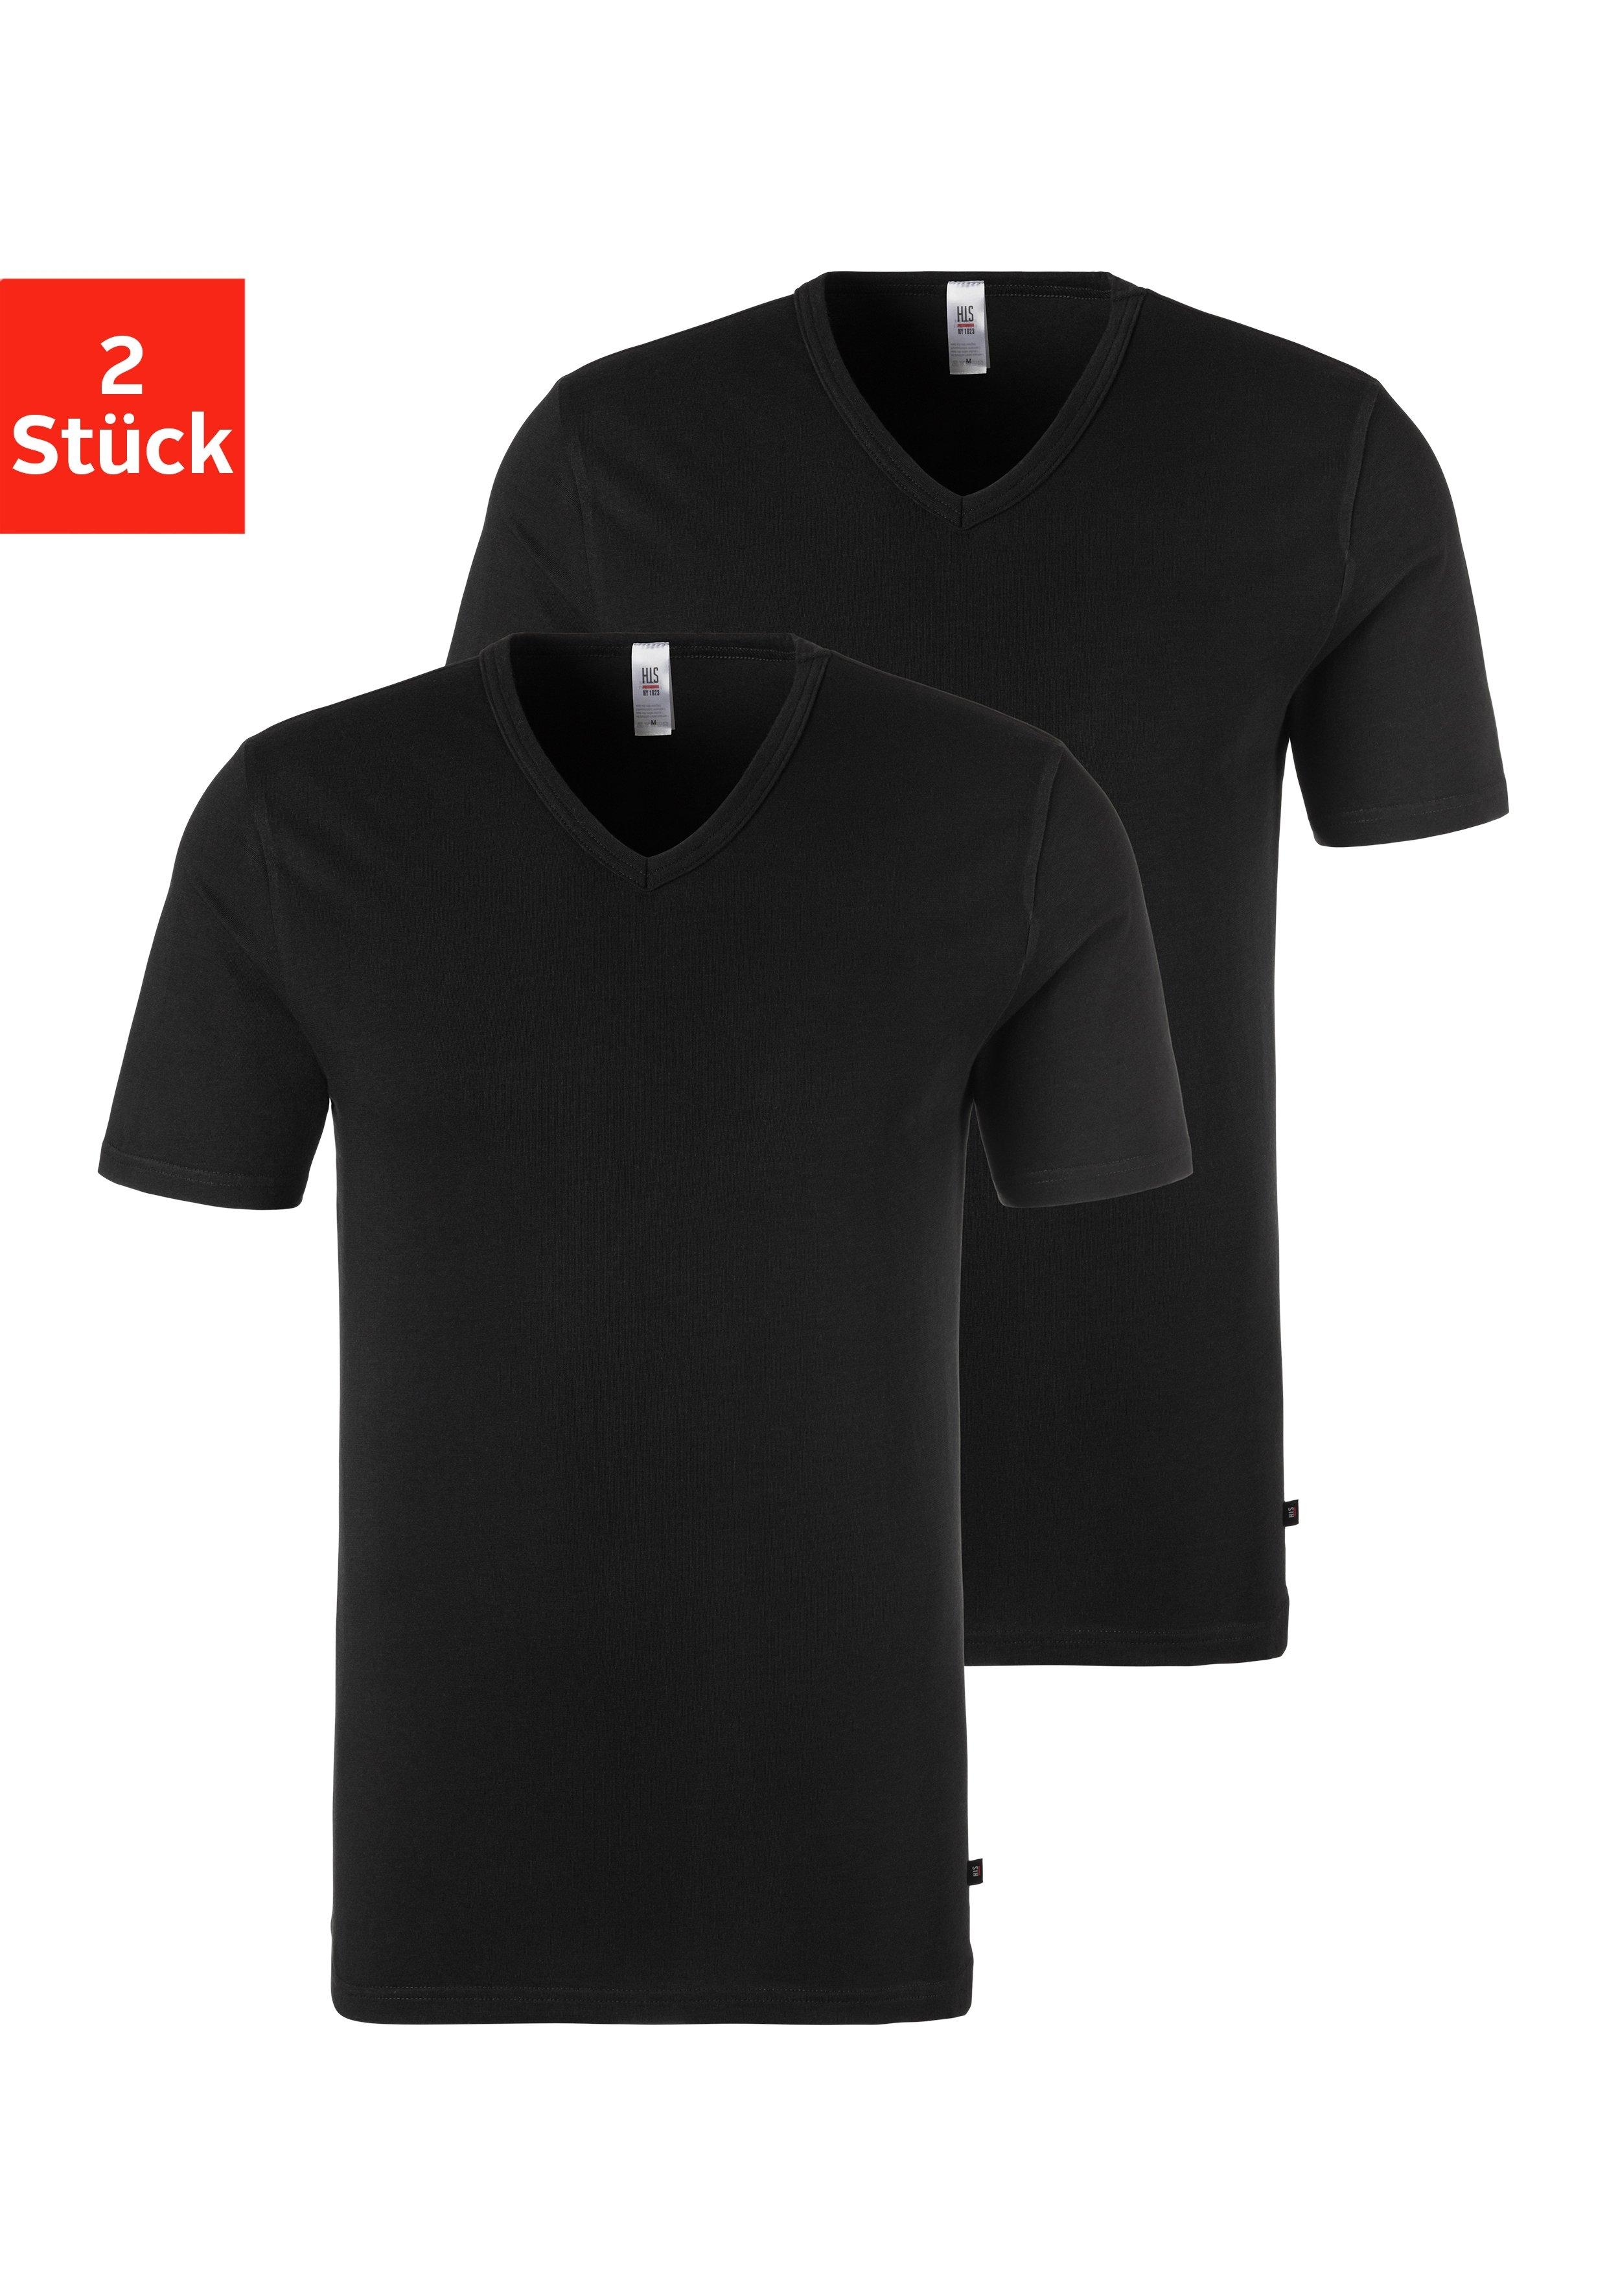 H.I.S shirt voor eronder met v-hals en klein logo (2 stuks) voordelig en veilig online kopen